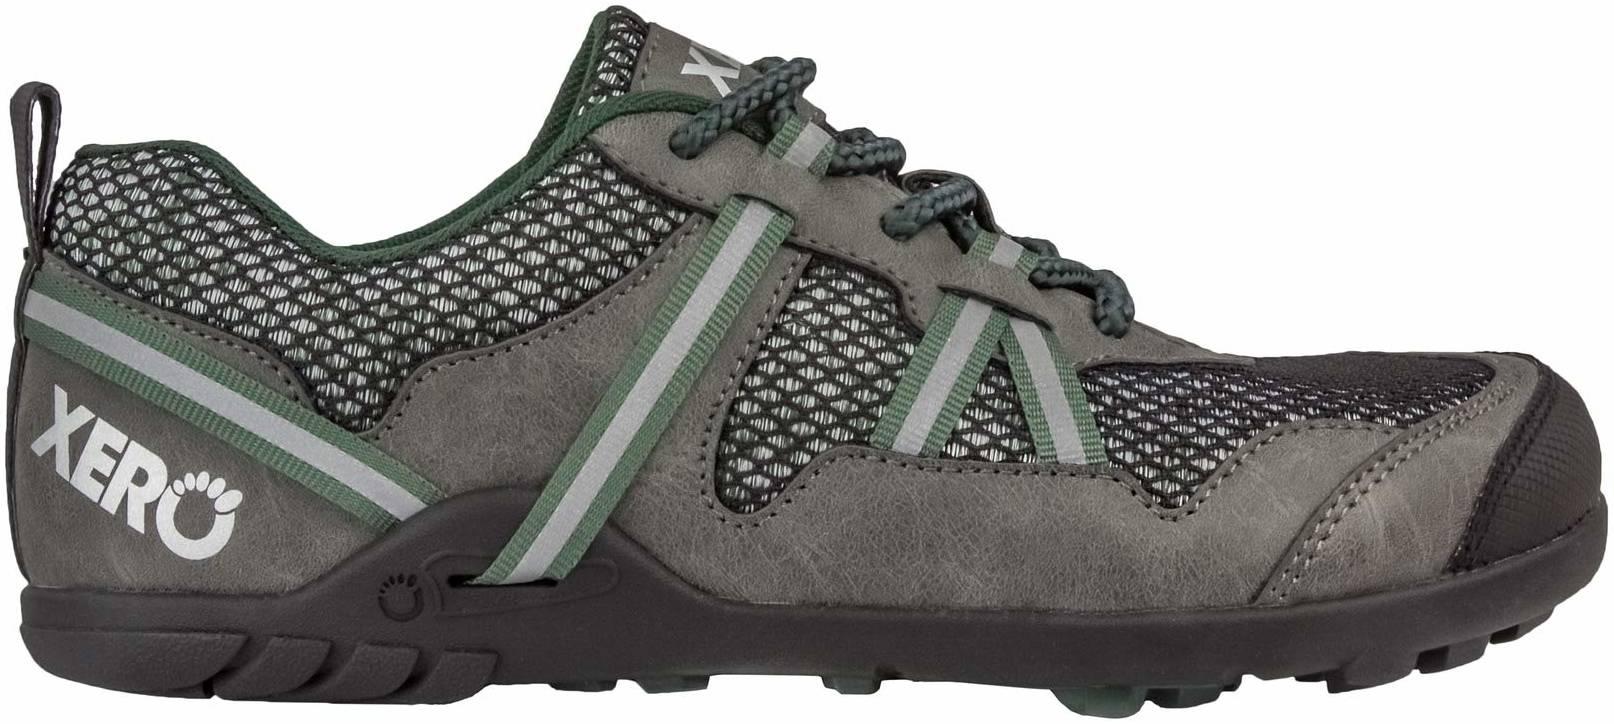 105 Review Of Xero Shoes Terraflex Runrepeat